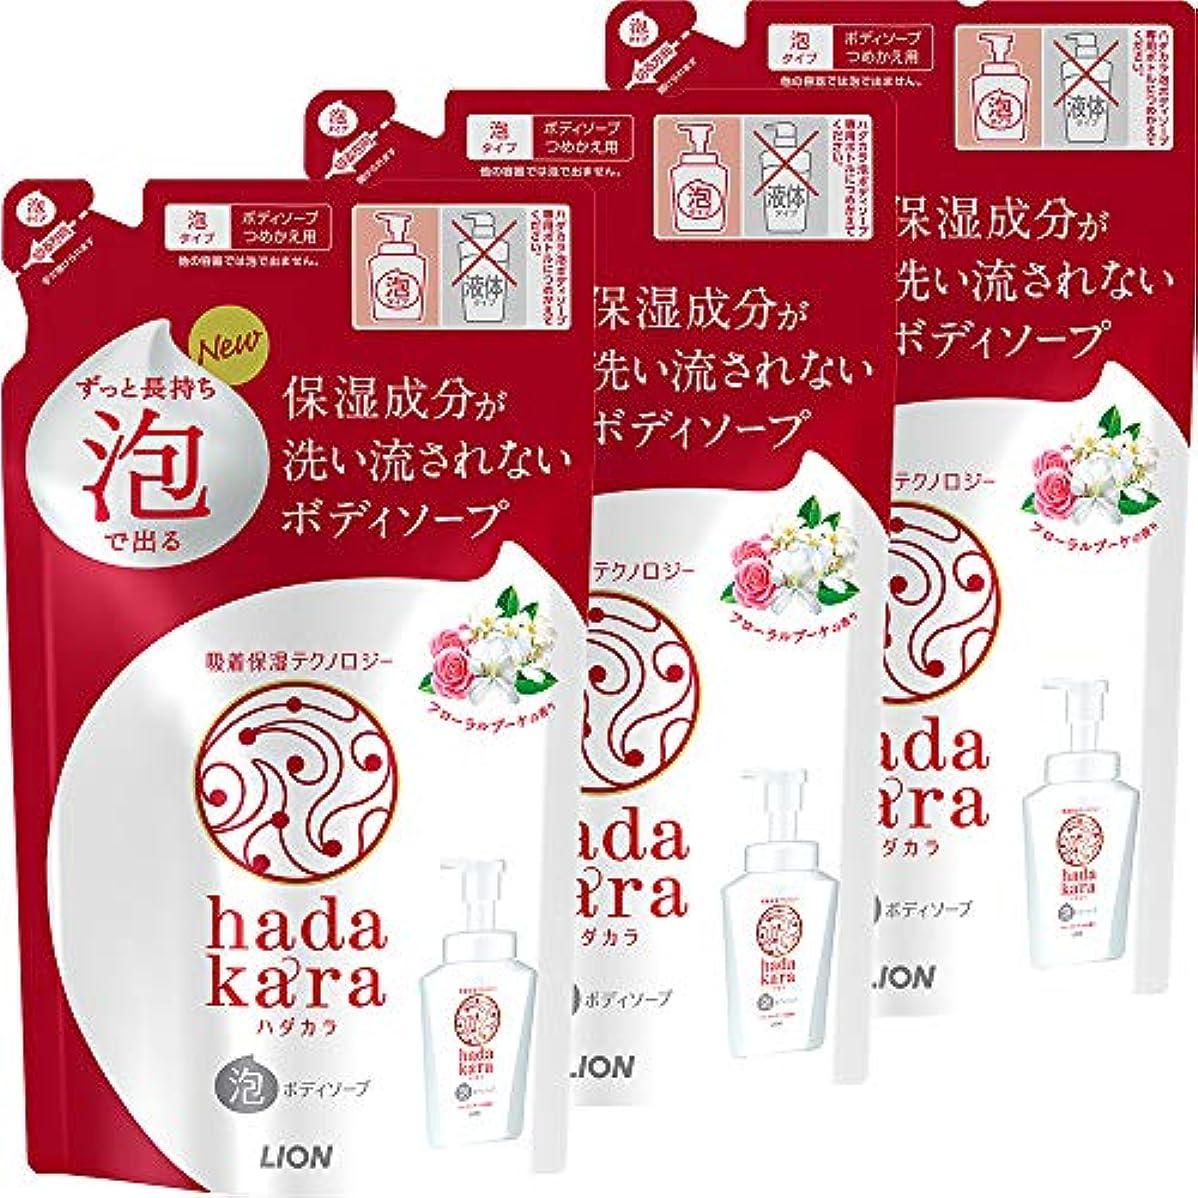 ジャーナル飢饉番号hadakara(ハダカラ) ボディソープ 泡タイプ フローラルブーケの香り 詰替440ml×3個